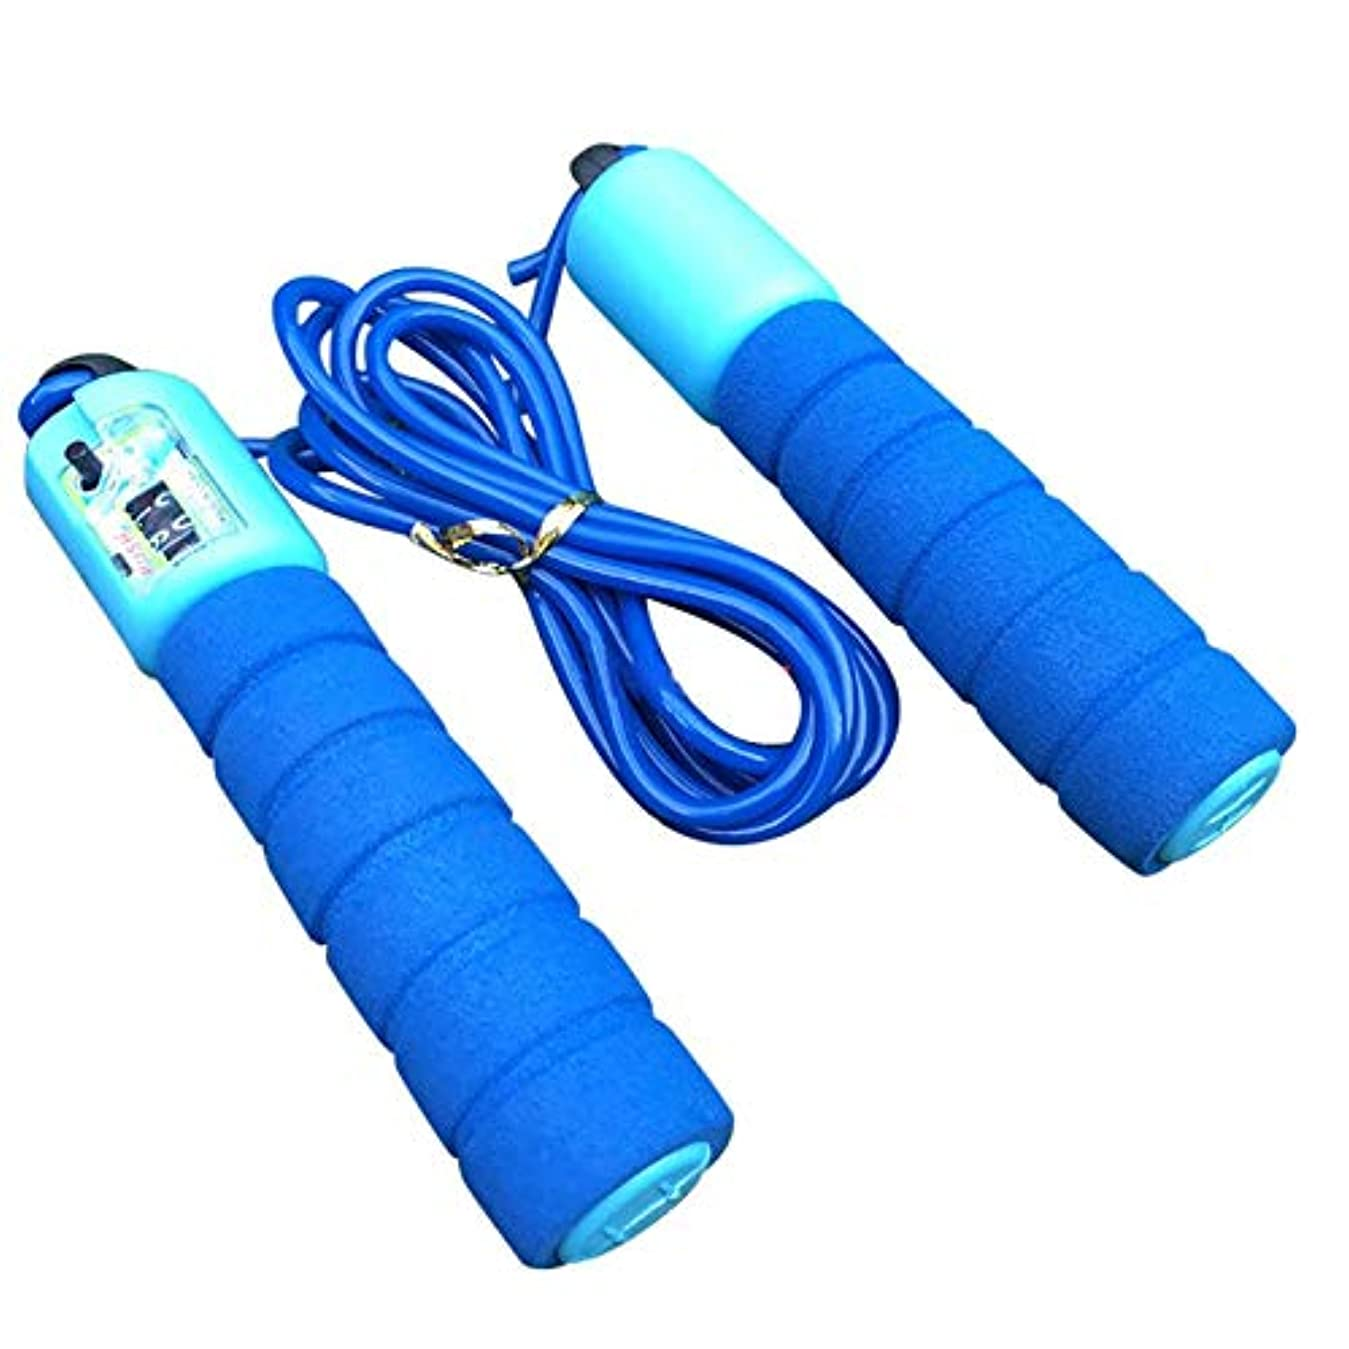 真向こう誇張円周調整可能なプロフェッショナルカウント縄跳び自動カウントジャンプロープフィットネス運動高速カウントジャンプロープ - 青